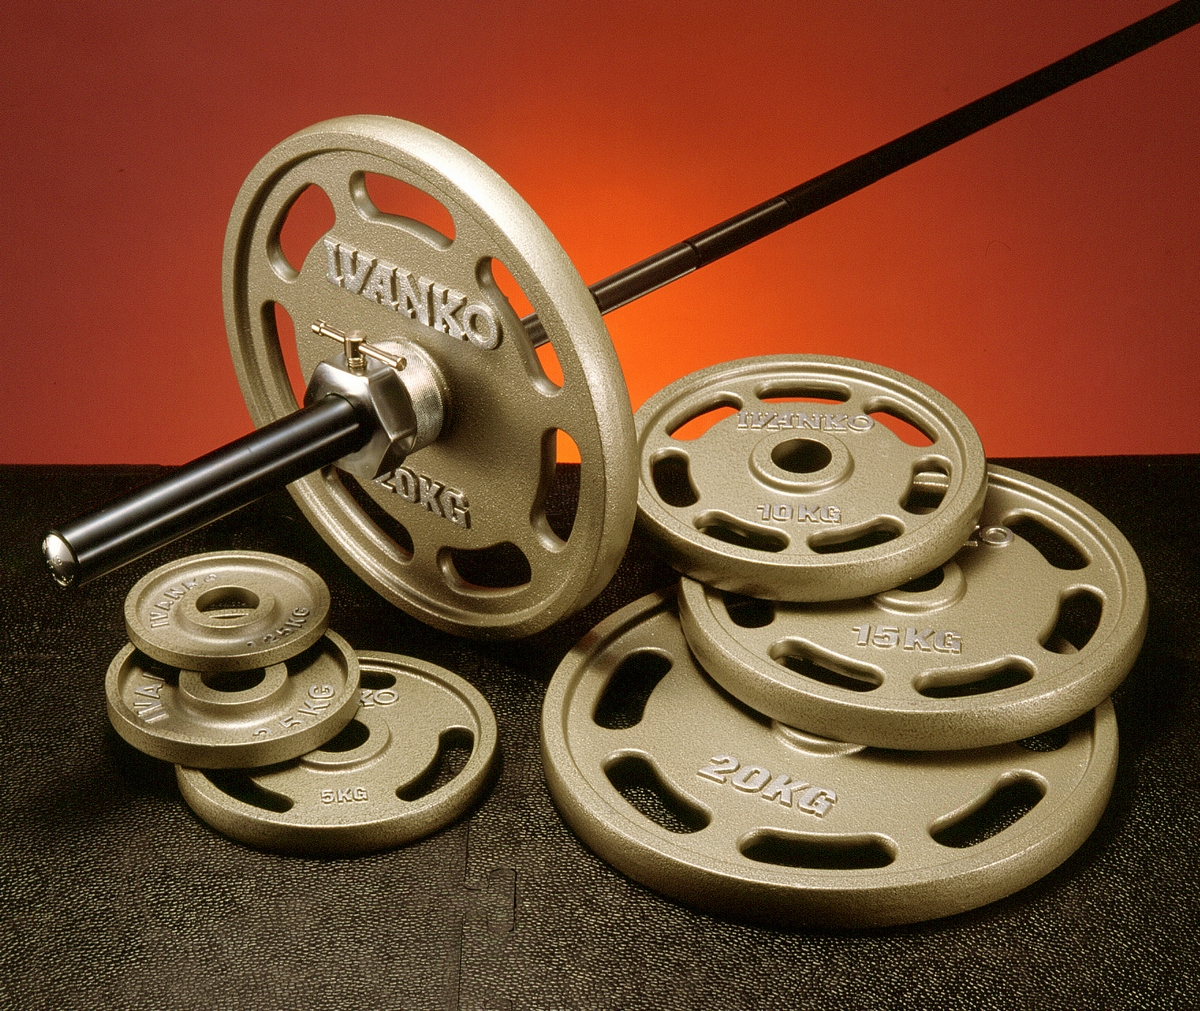 【Φ50mm高品質バーベルプレート】IVANKO(イヴァンコ)社製エクササイズプレートオリンピックペイントイージーグリッププレート 20kg OMEZ-20